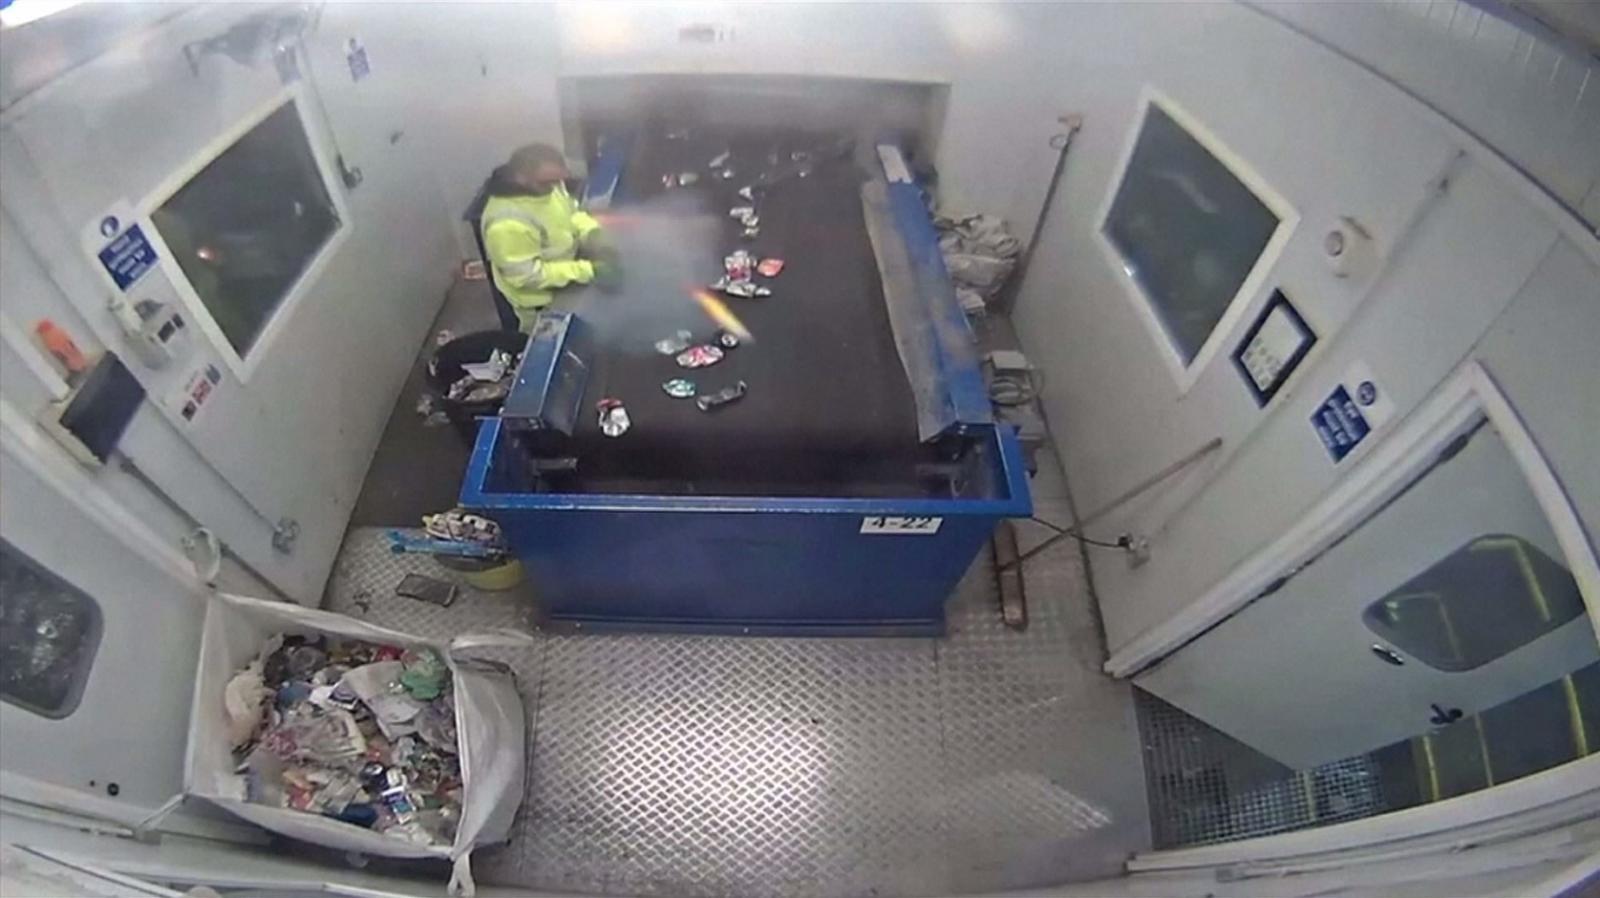 พนักงานแยกขยะในอังกฤษสุดช็อก ขยะพลุระเบิดคามือ